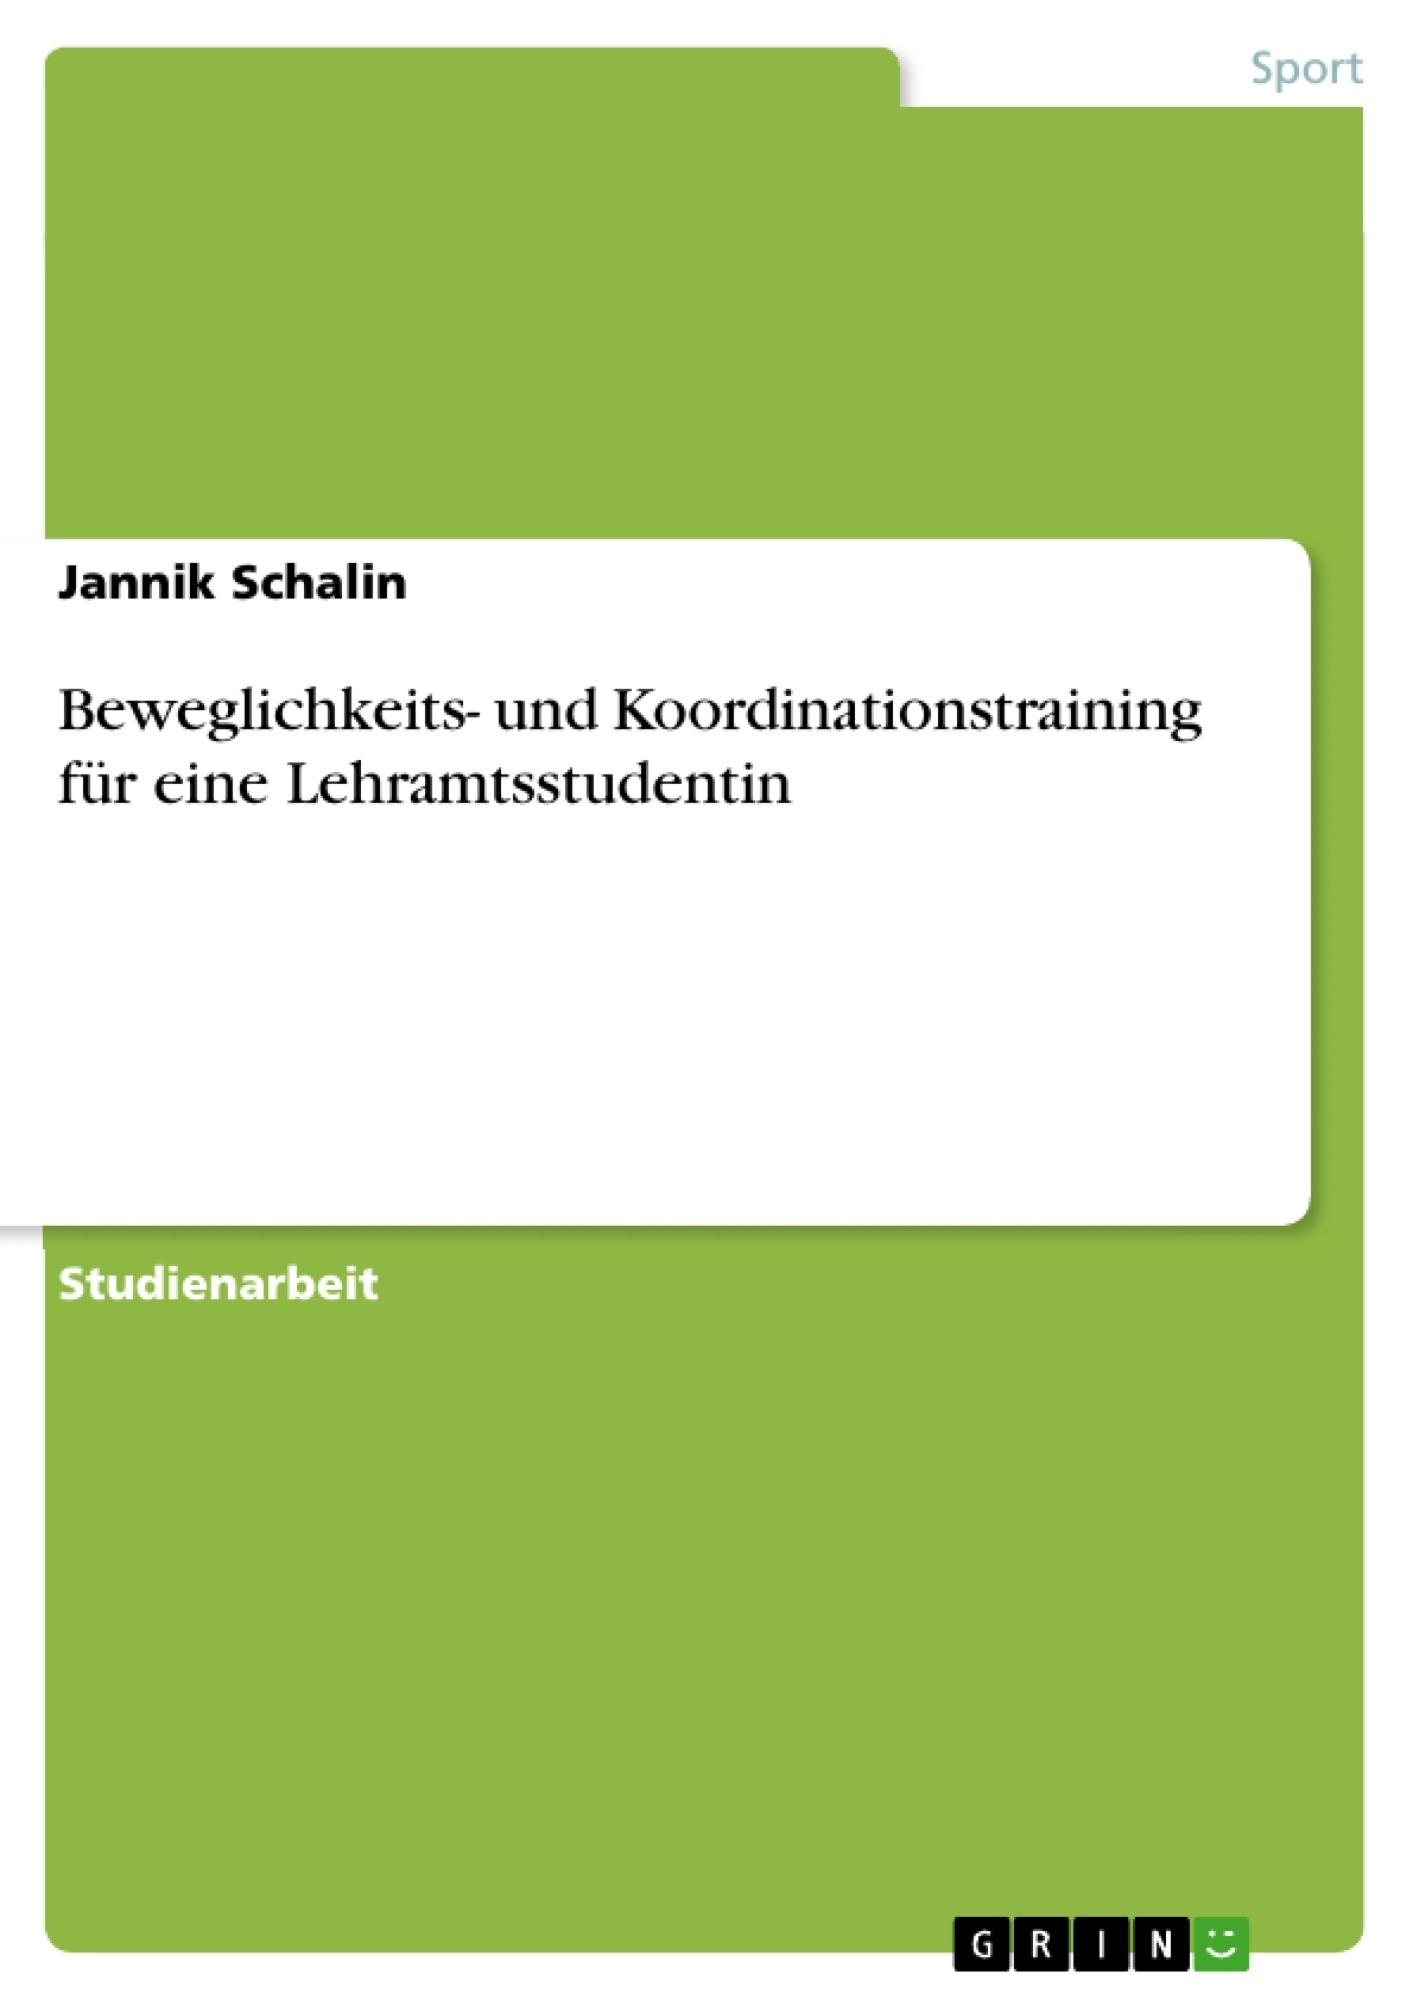 Titel: Beweglichkeits- und Koordinationstraining für eine Lehramtsstudentin